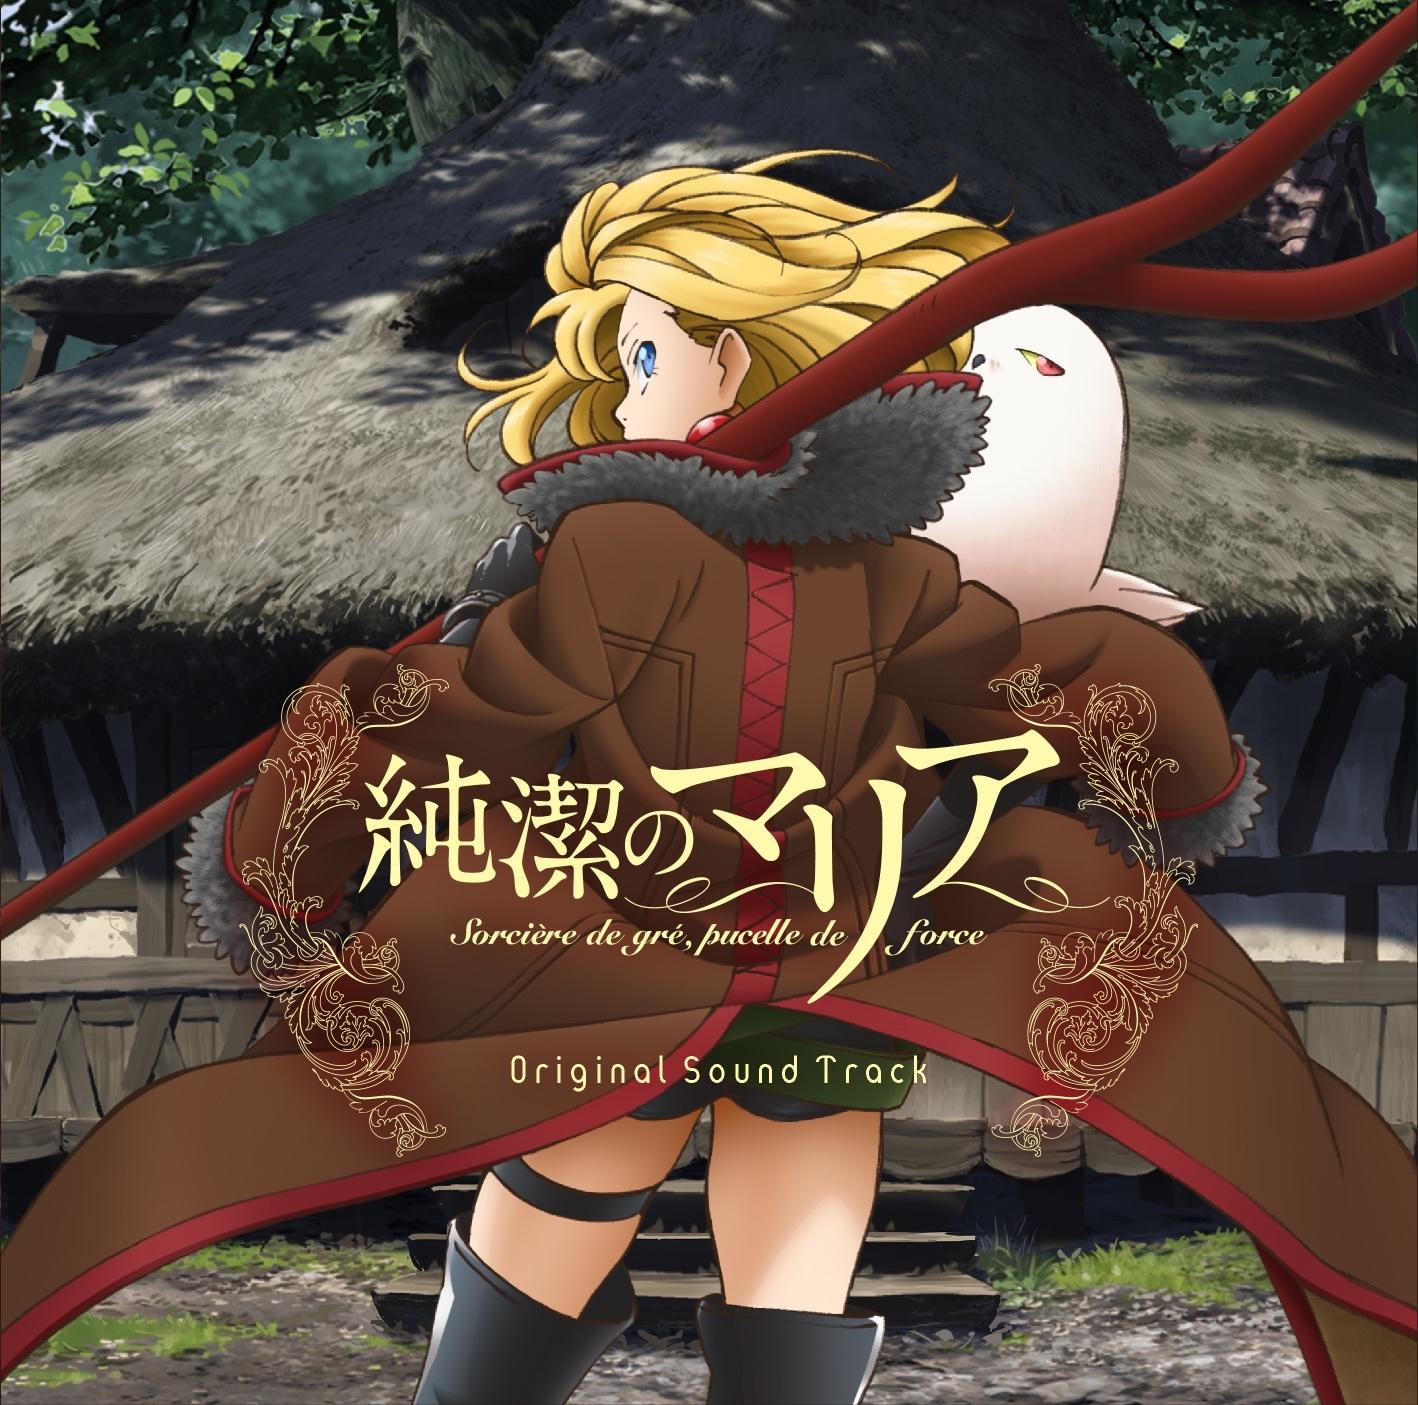 TVアニメ『純潔のマリア』 オリジナルサウンドトラック